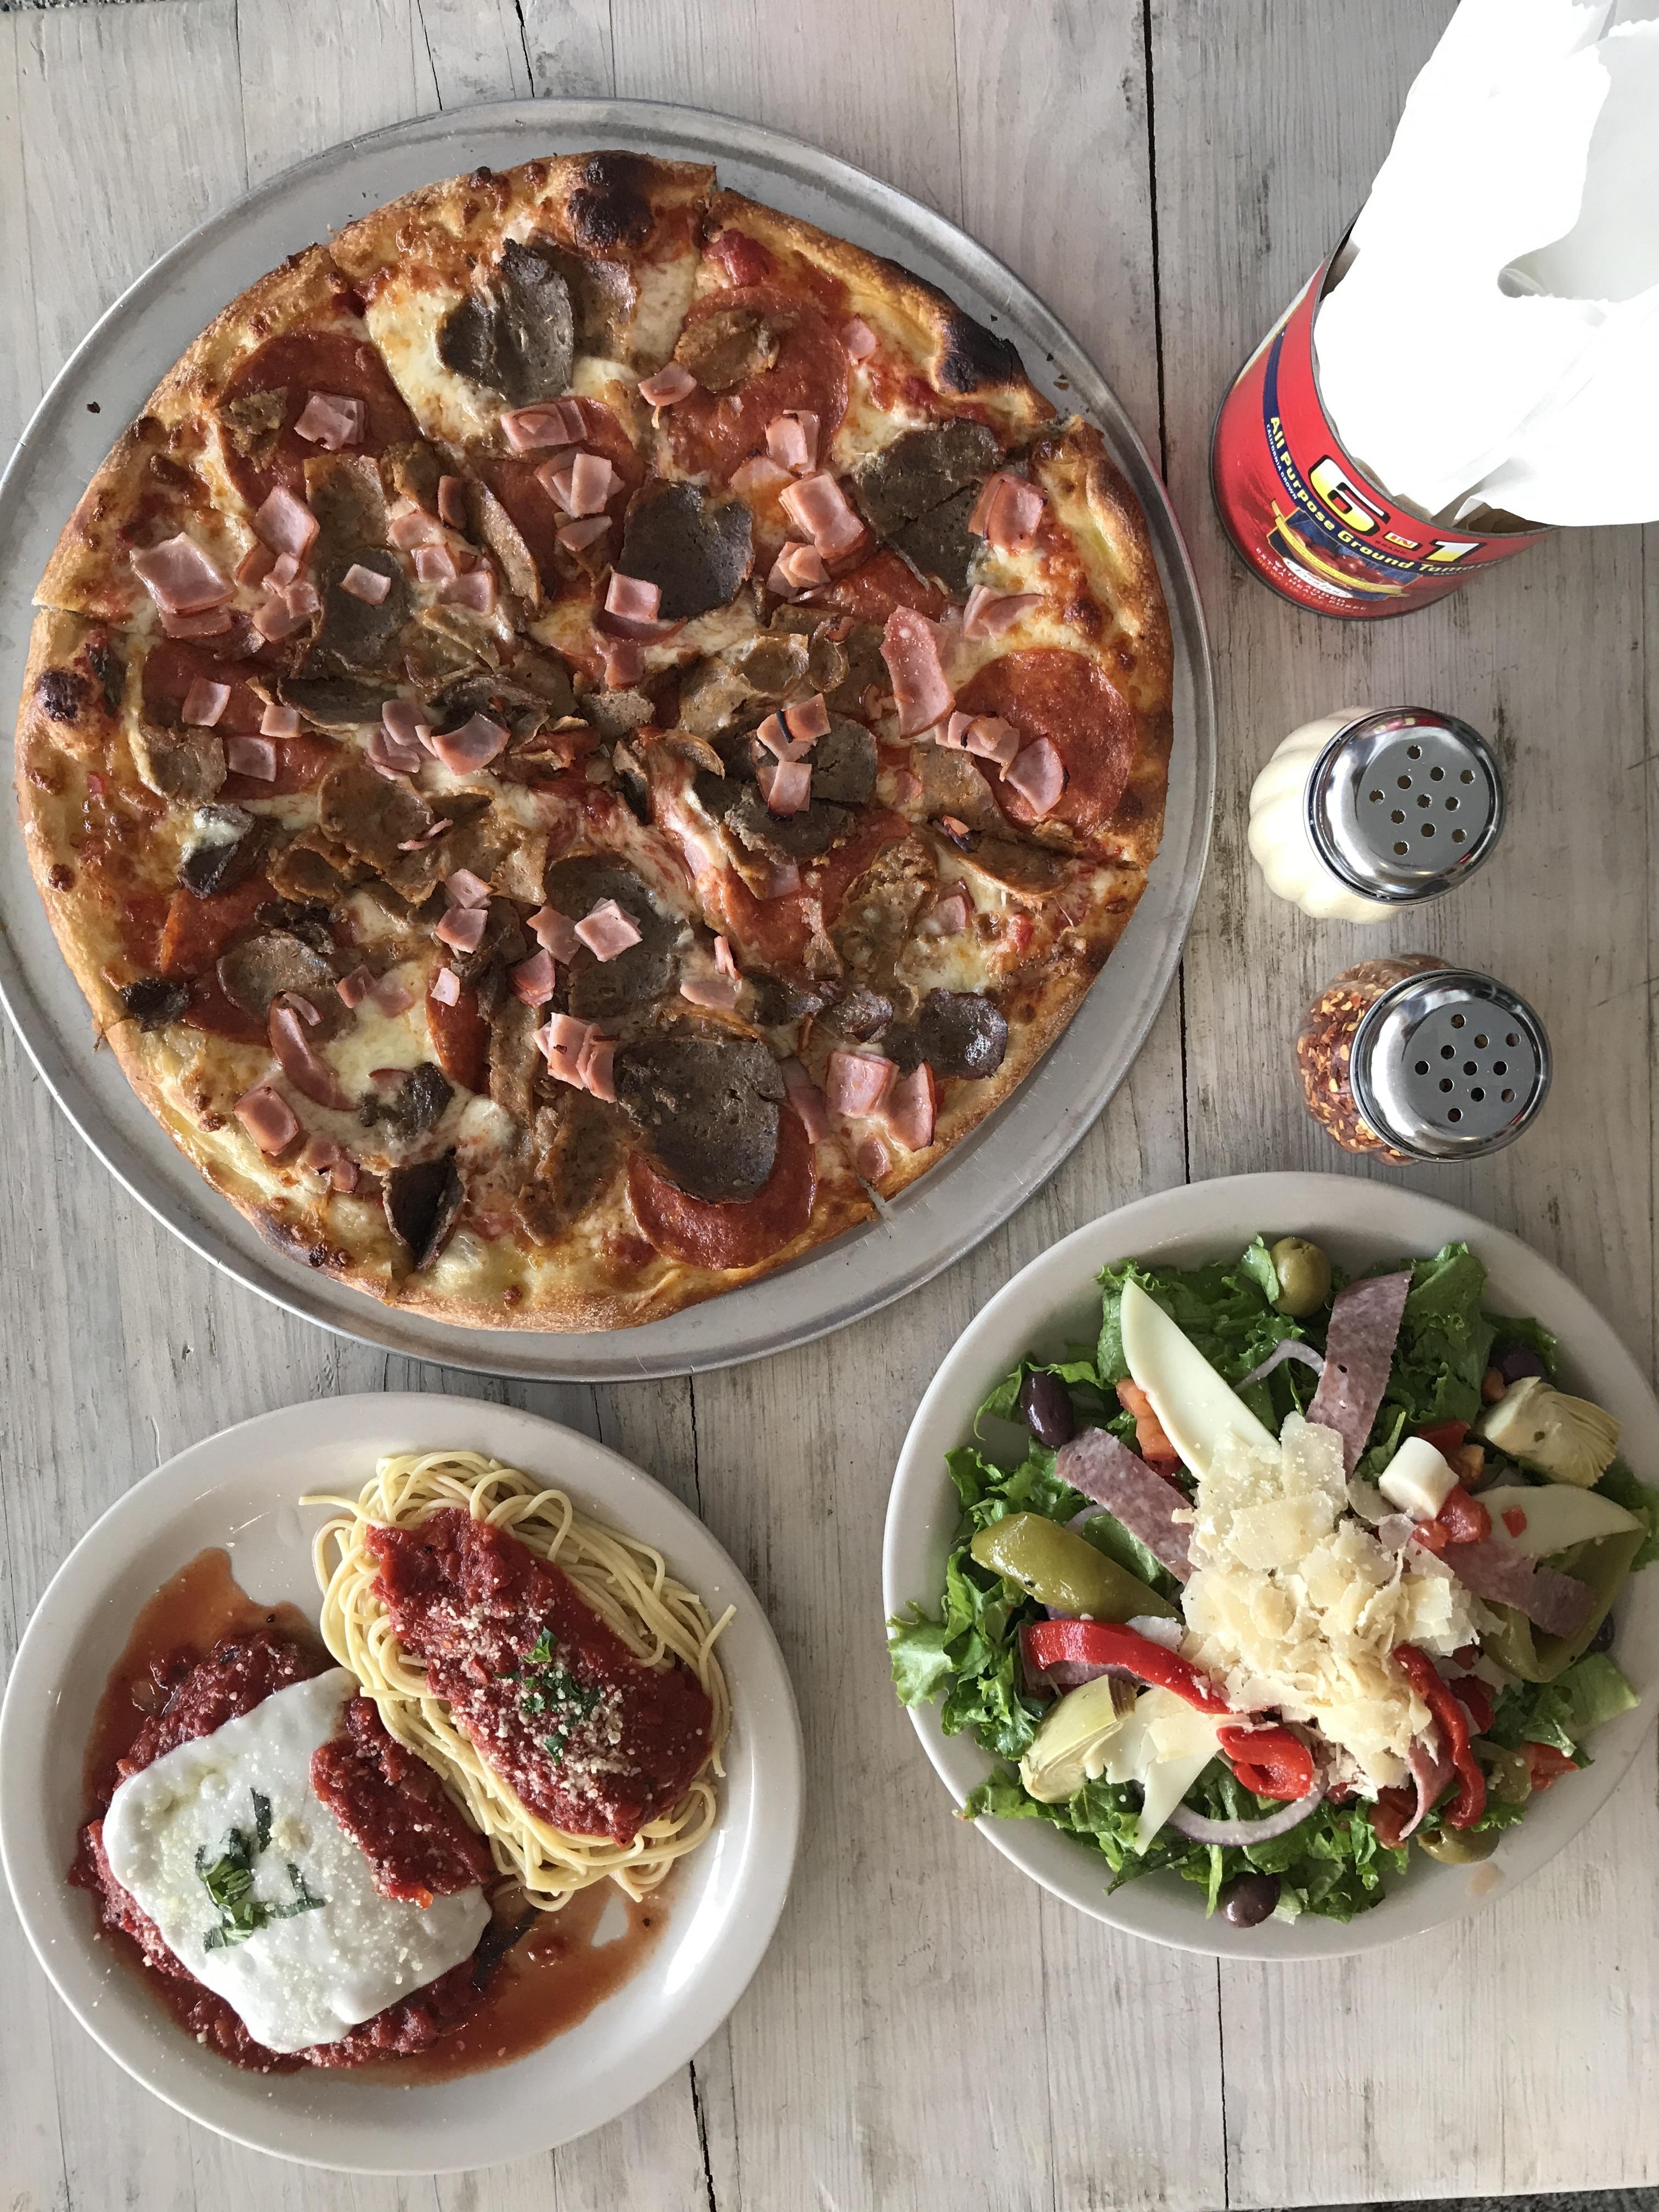 Julian S Italian Pizzeria And Kitchen San Antonio Eats